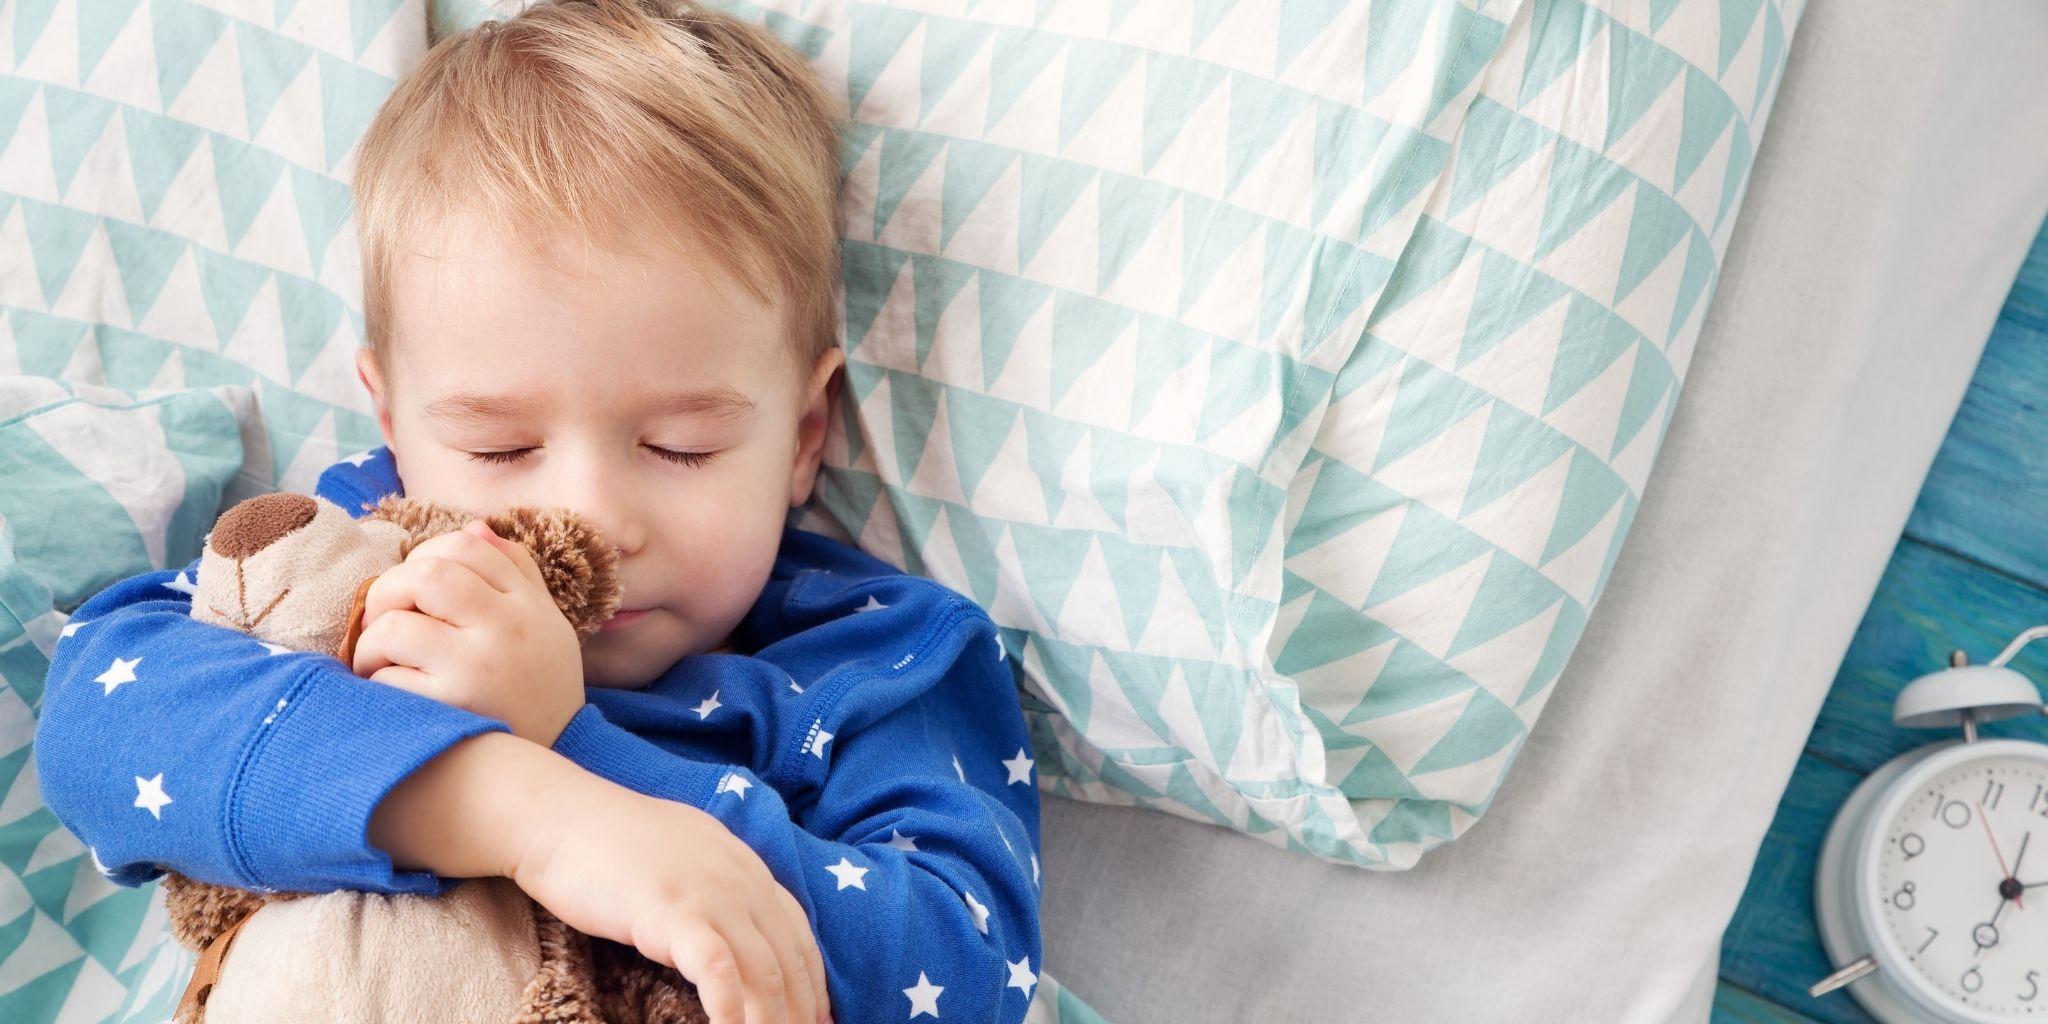 Costo baby sitter: considera l'orario di lavoro